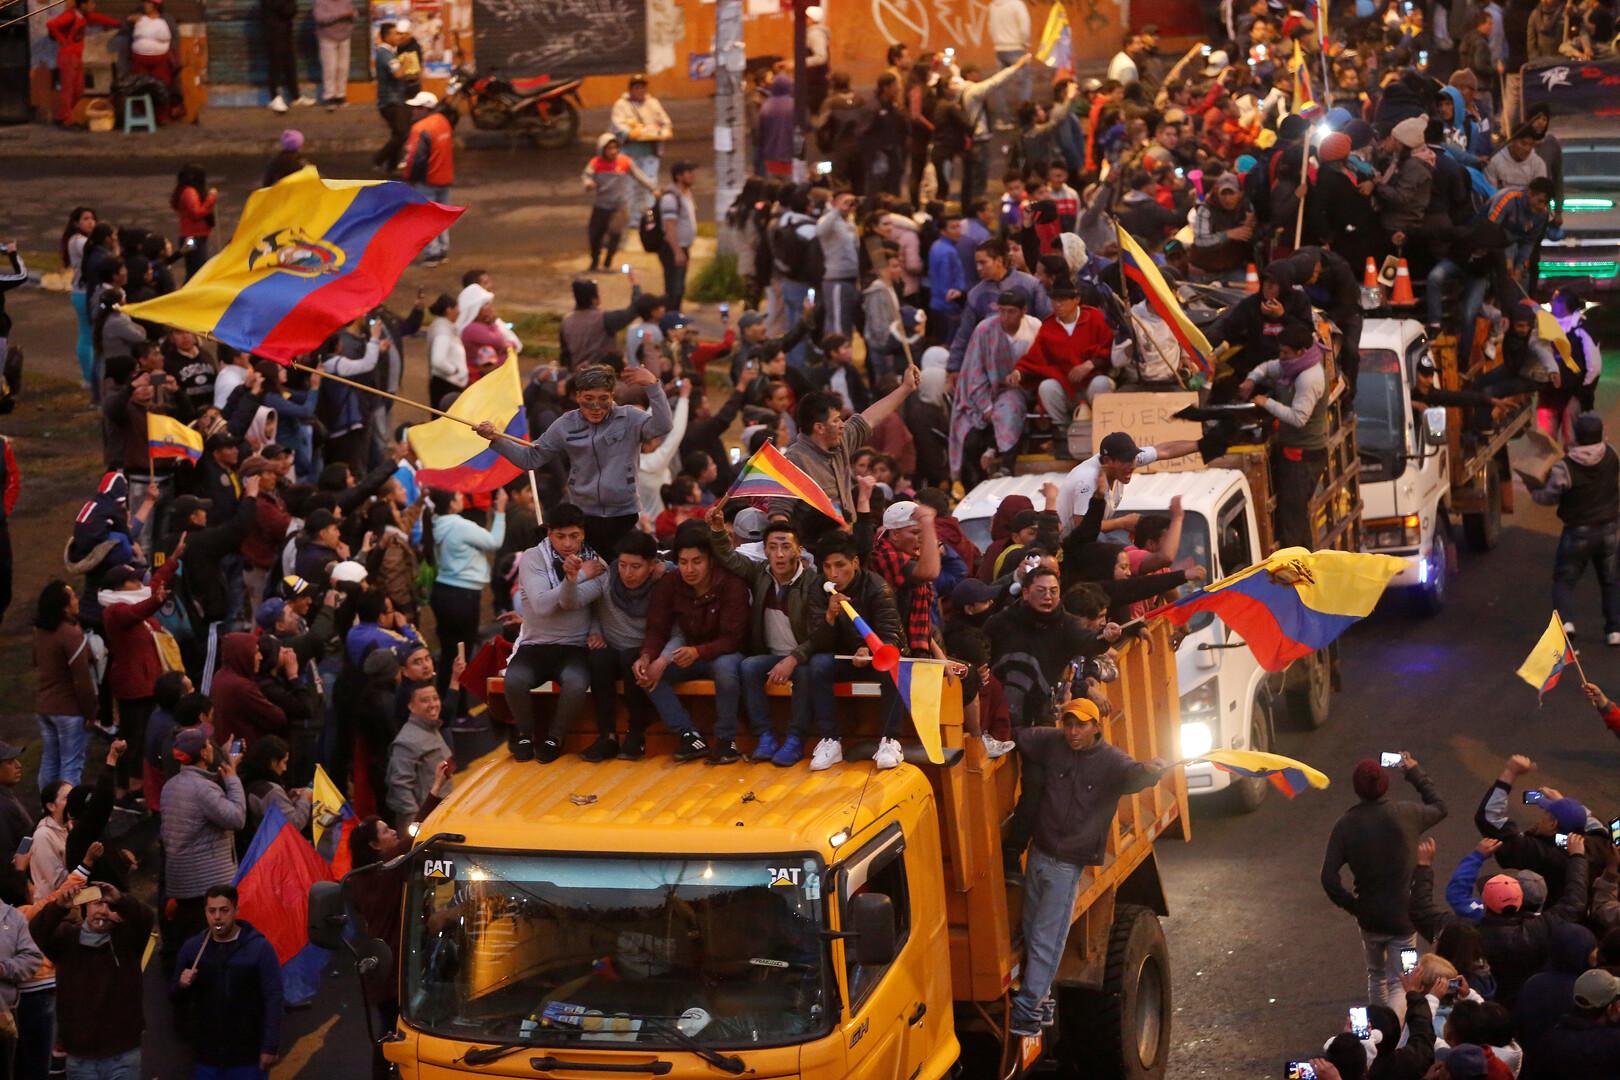 احتجاجات السكان الأصليين تهز الإكوادور